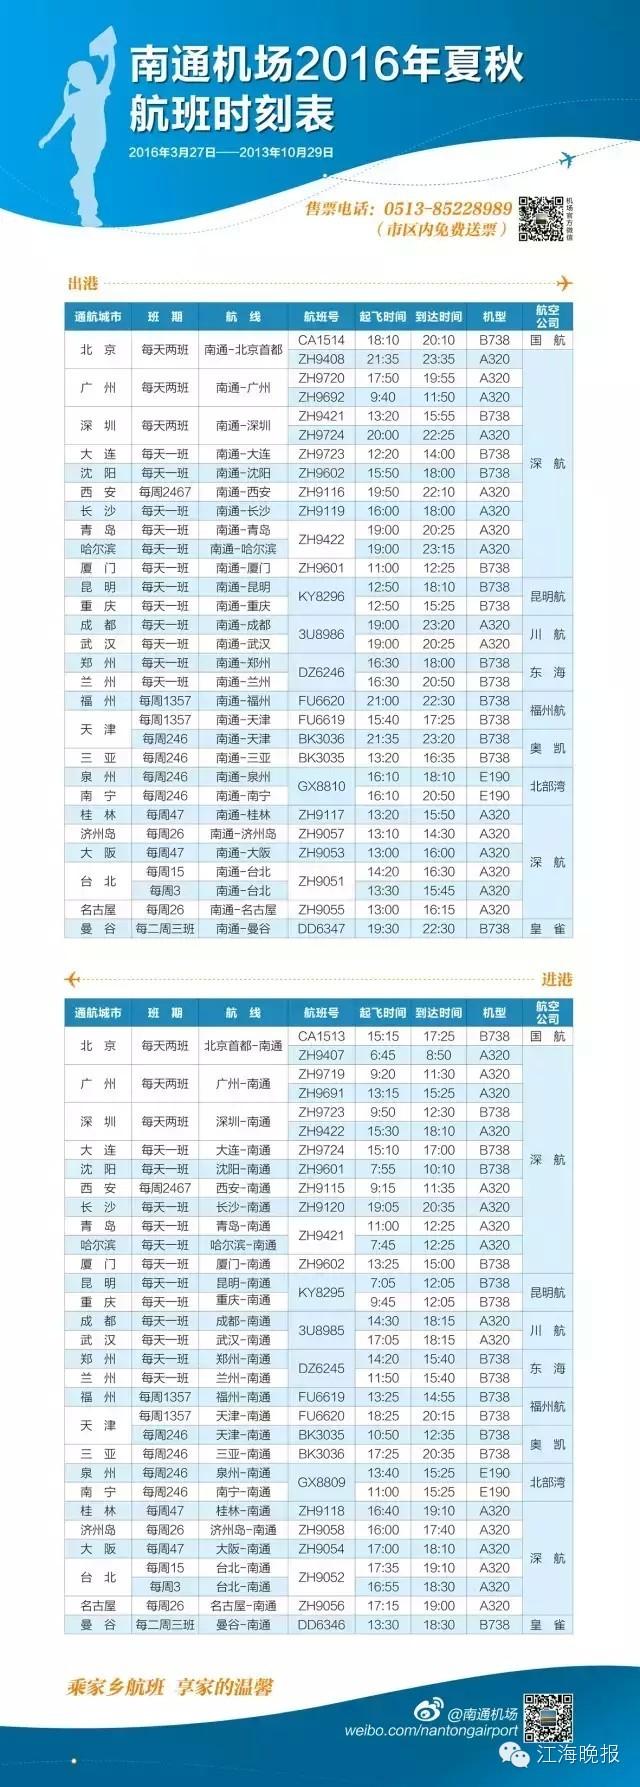 南通机场开始执行2016夏秋季航班时刻表!